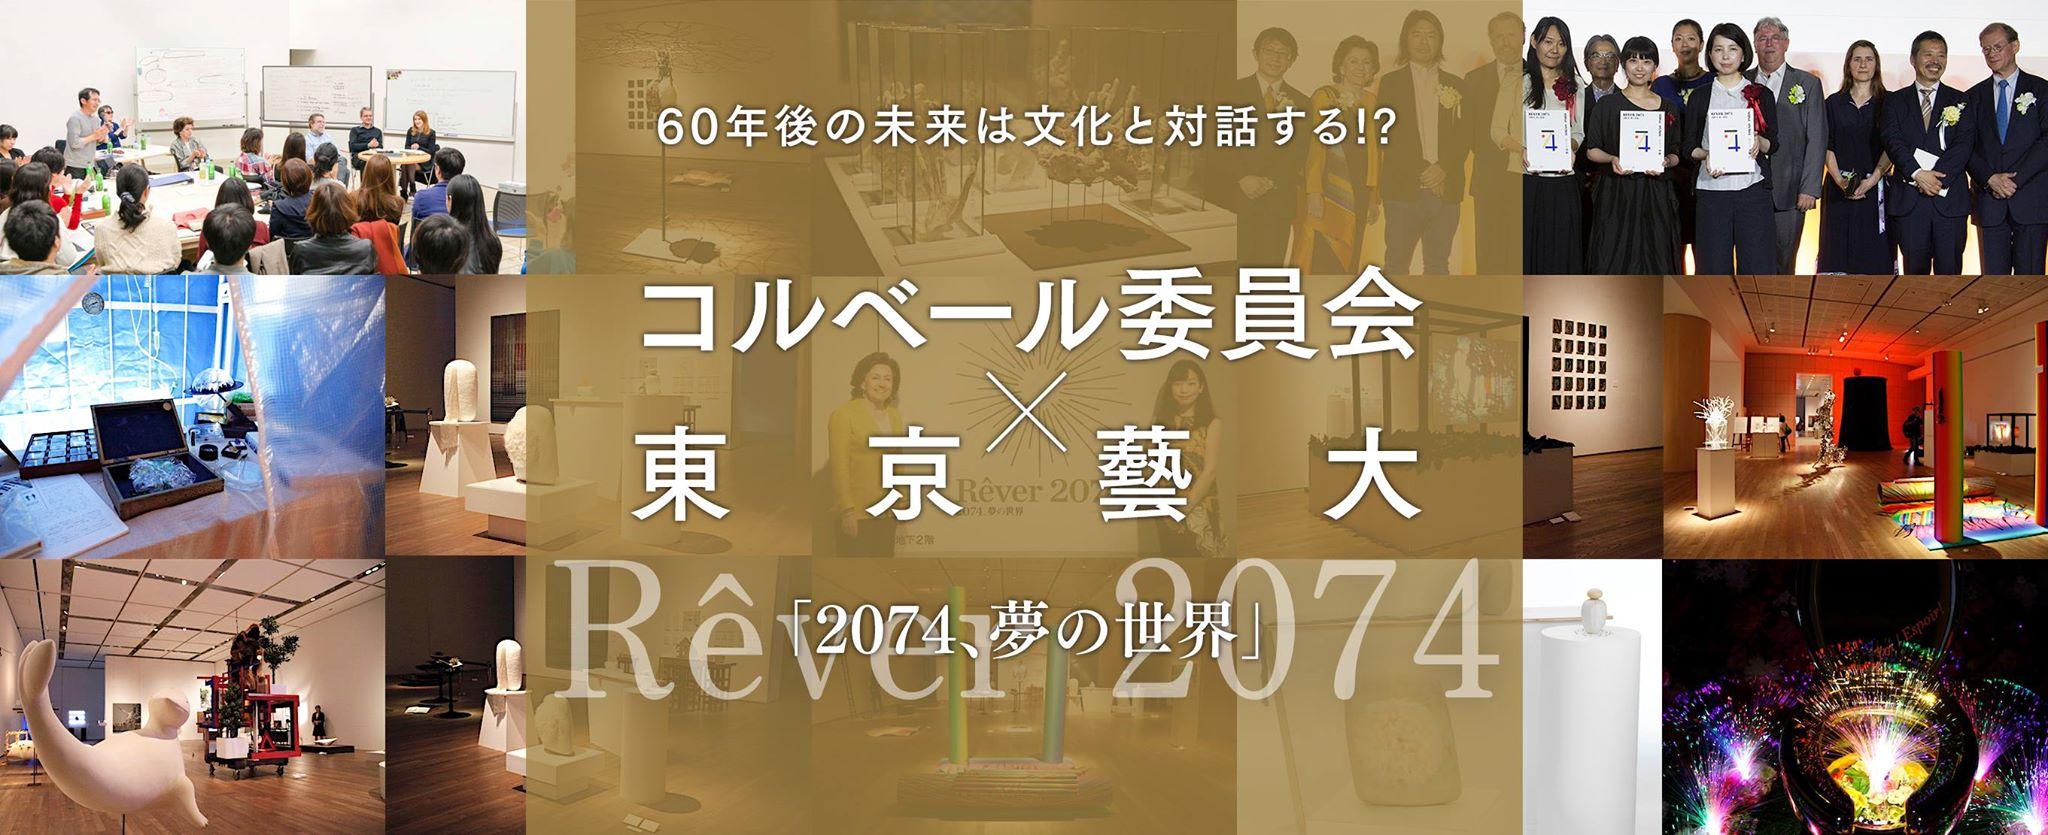 60年後の未来は文化と対話する!?コルベール委員会×東京藝大『2074、夢の世界』